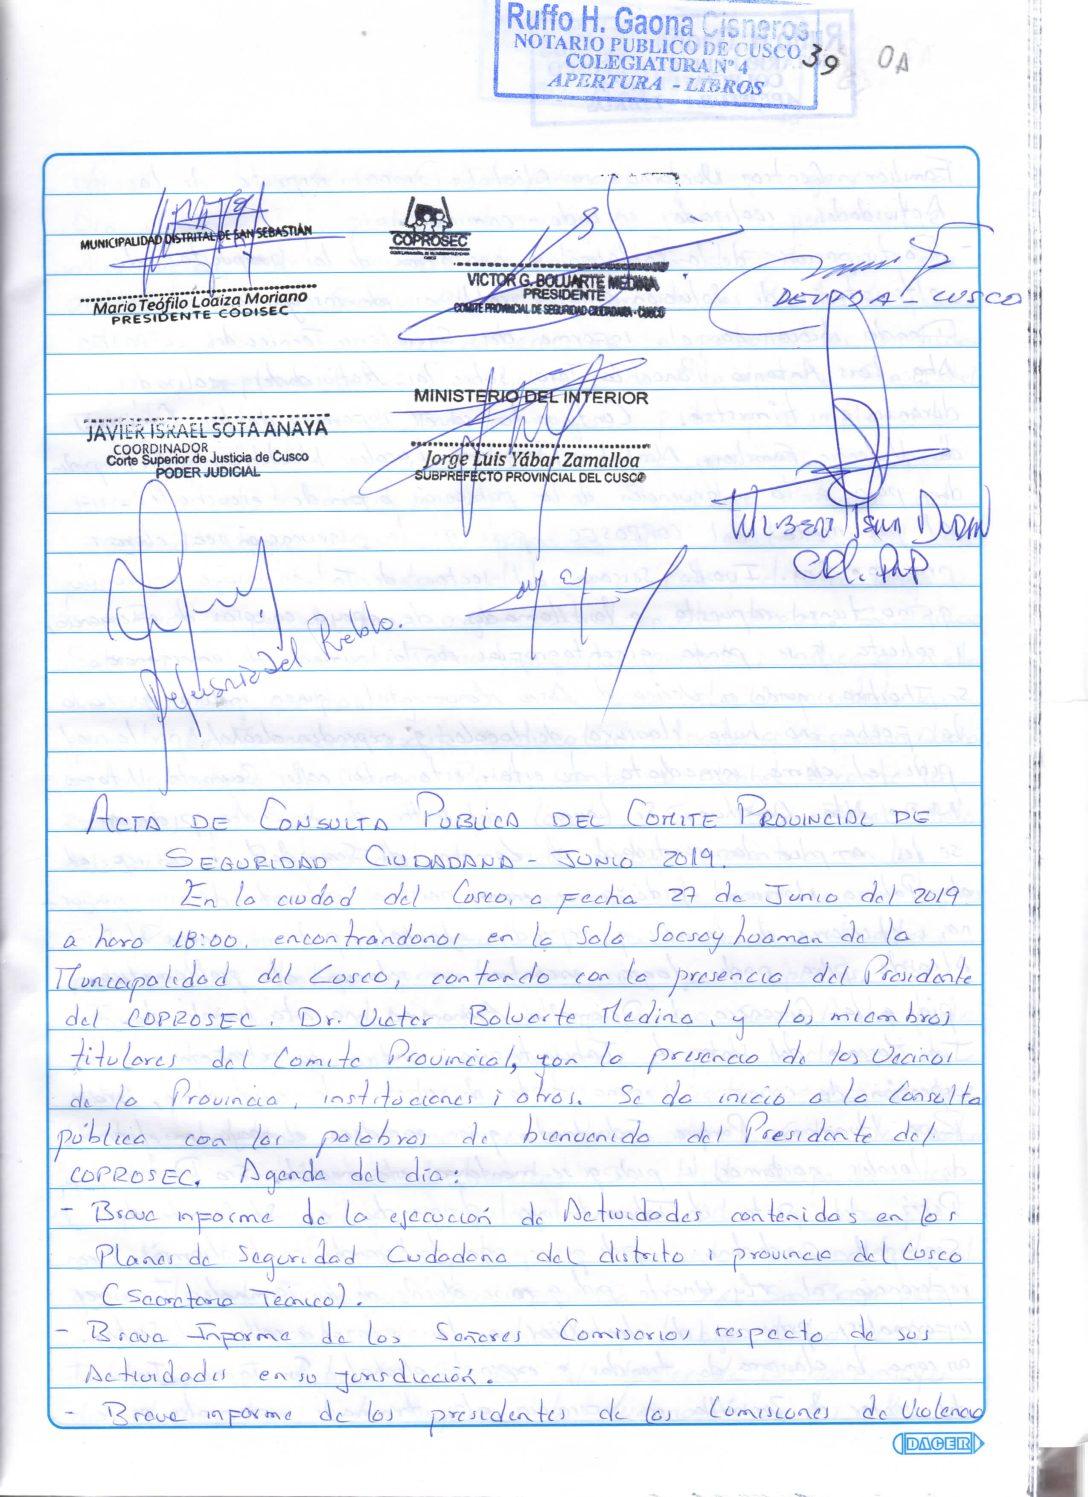 SEGUNDA CONSULTA PUBLICA COPROSEC CUSCO 2019